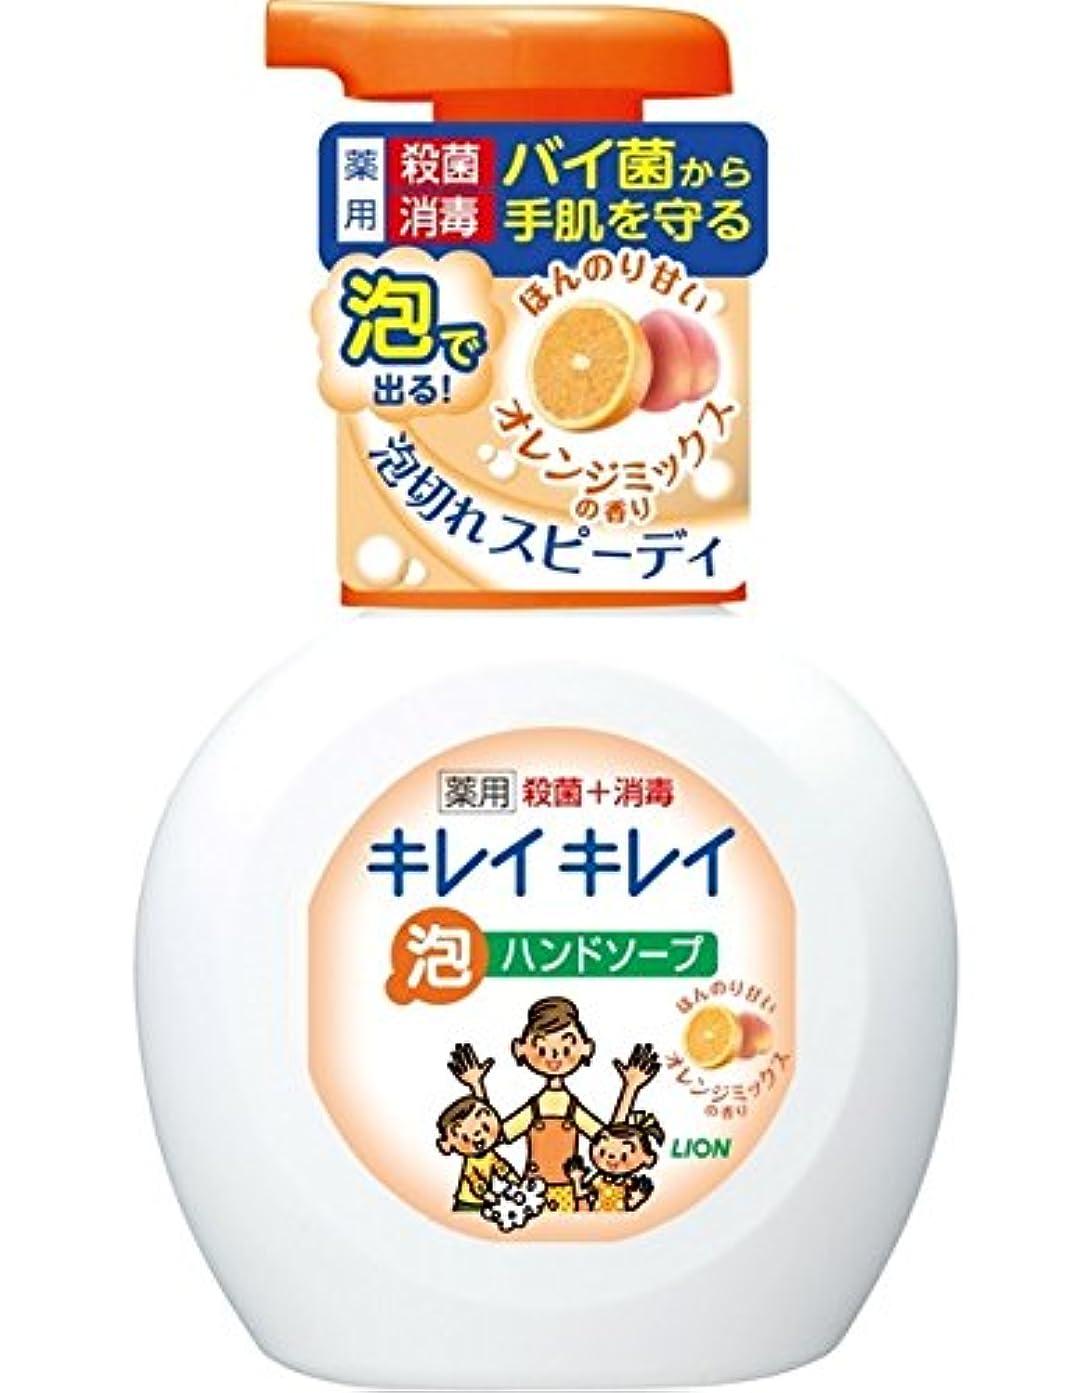 アーティスト義務づける器具キレイキレイ薬用泡ハンドソープオレンジミックスの香りポンプ250mL